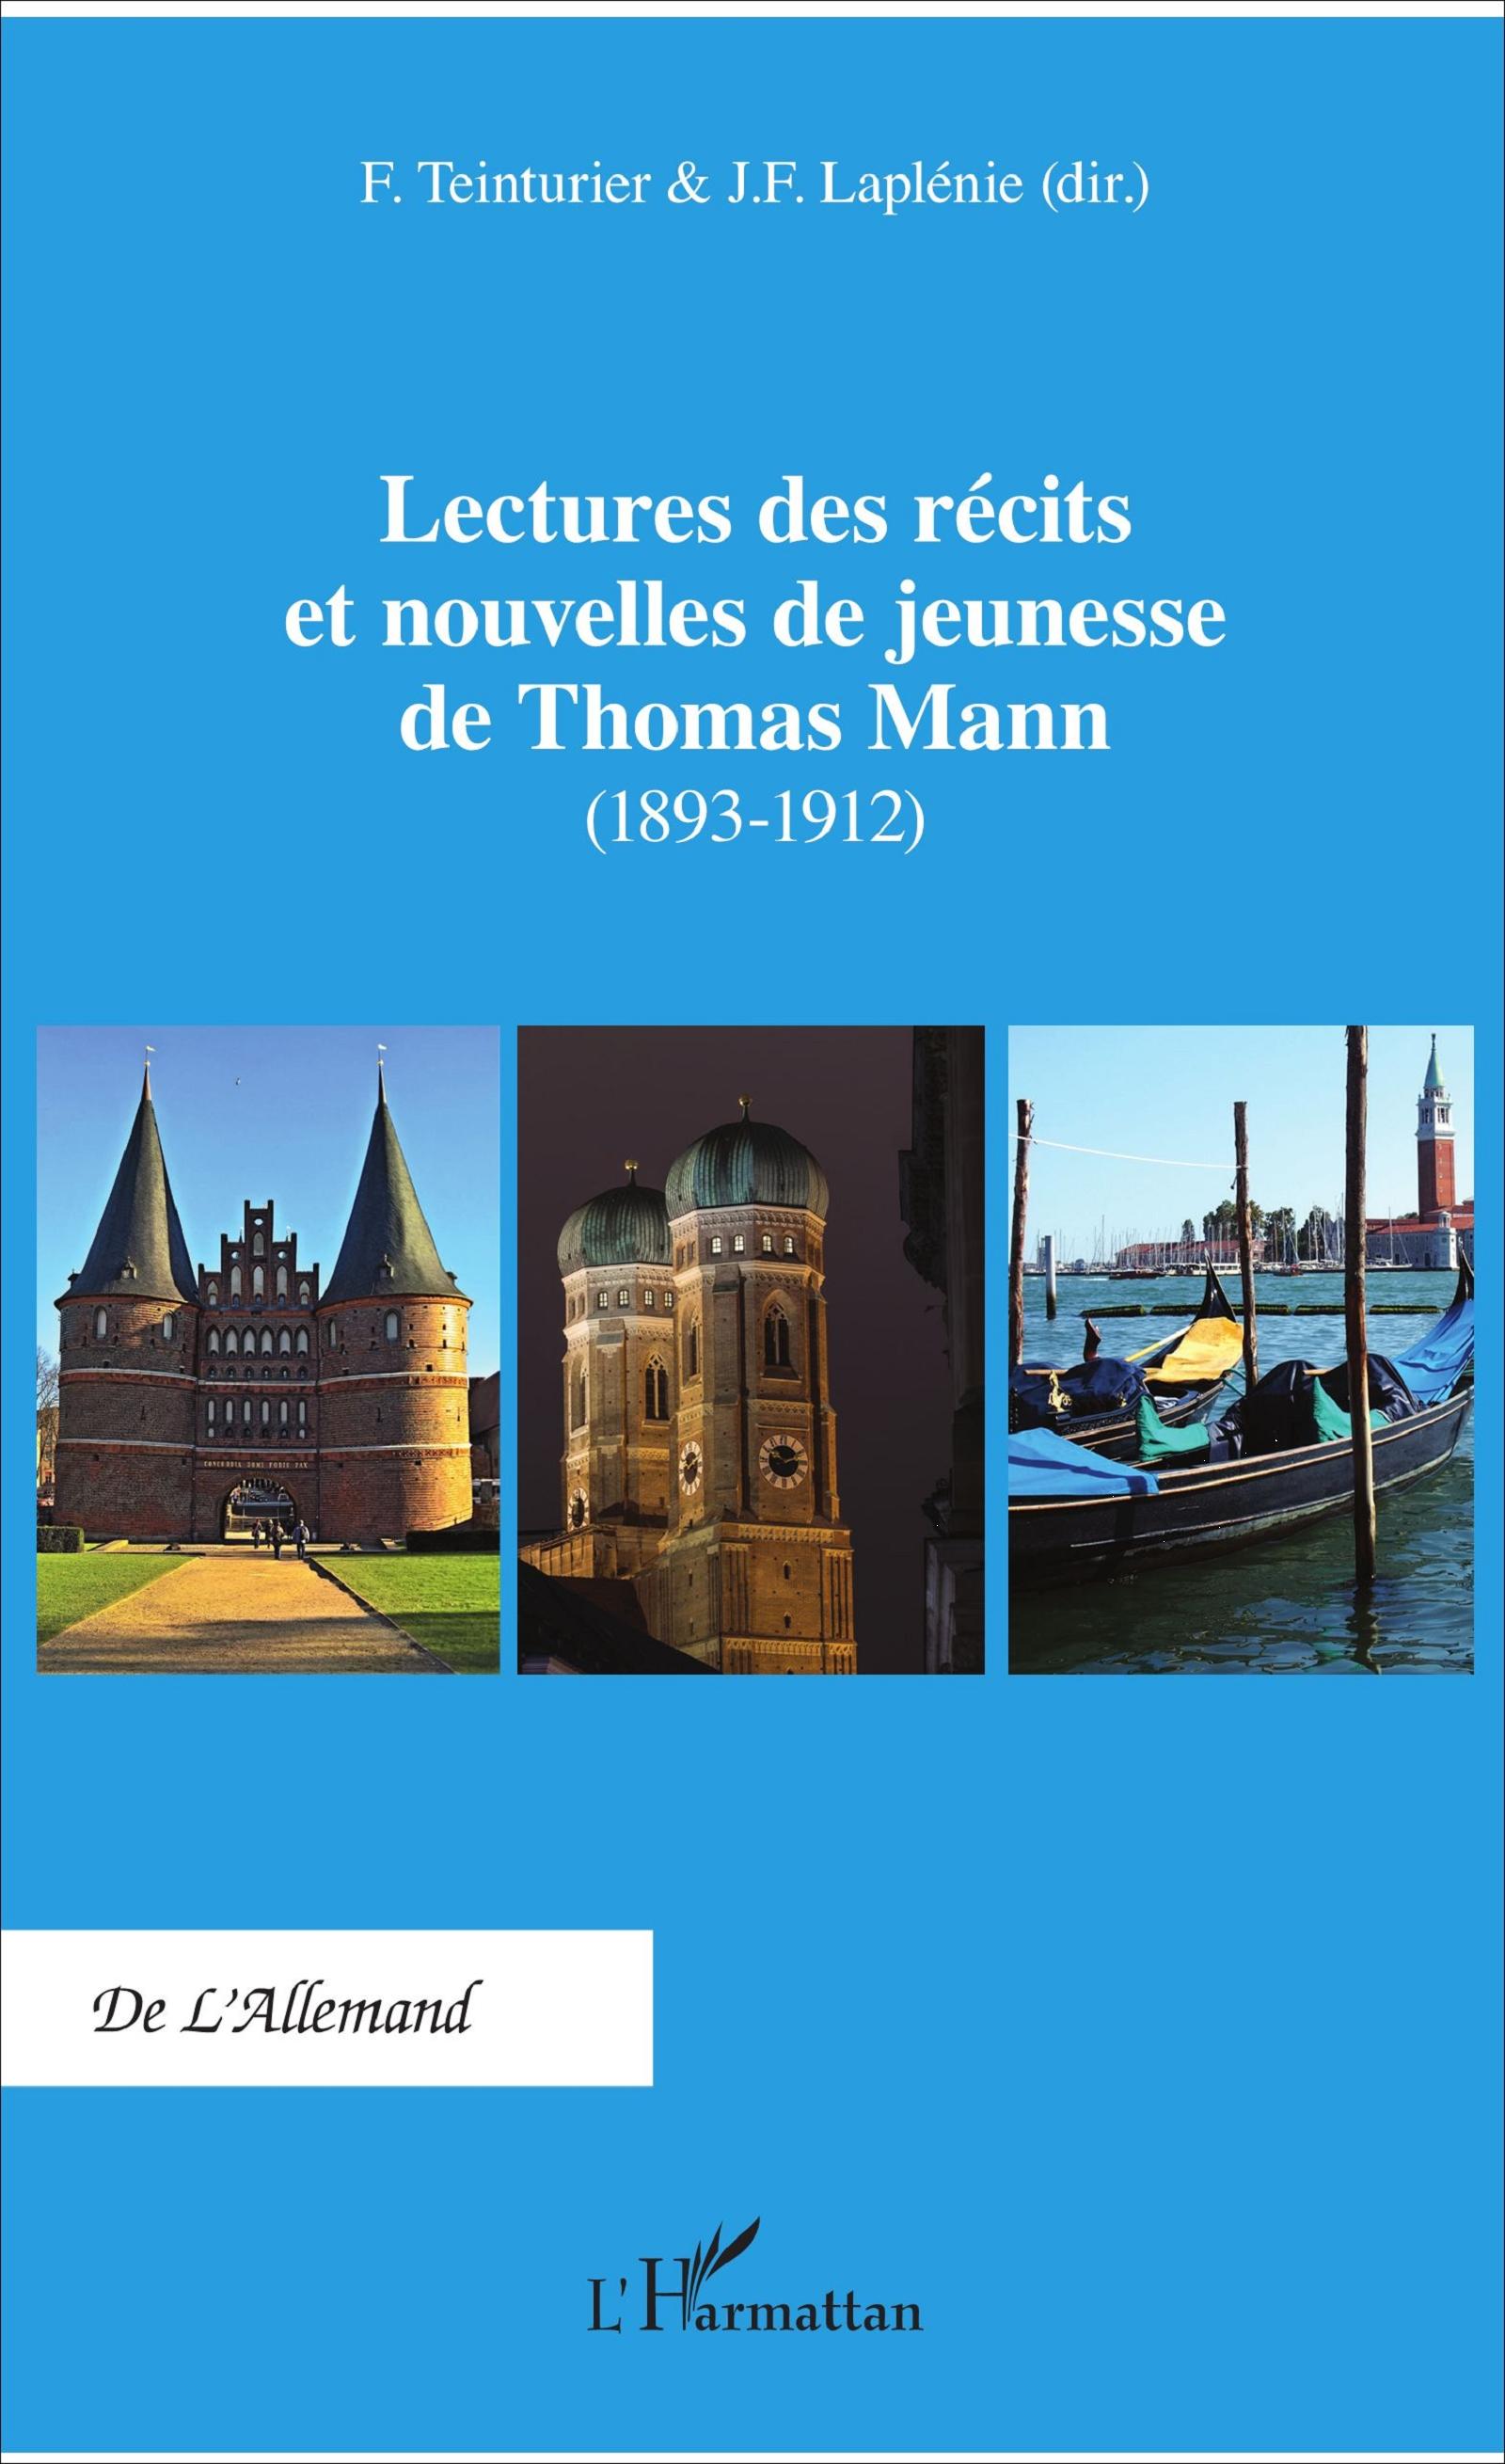 F. Teinturier et J.-F. Laplénie (dir.), Lectures des Recits et Nouvelles de Jeunesse de Thomas Mann (1893-1912)